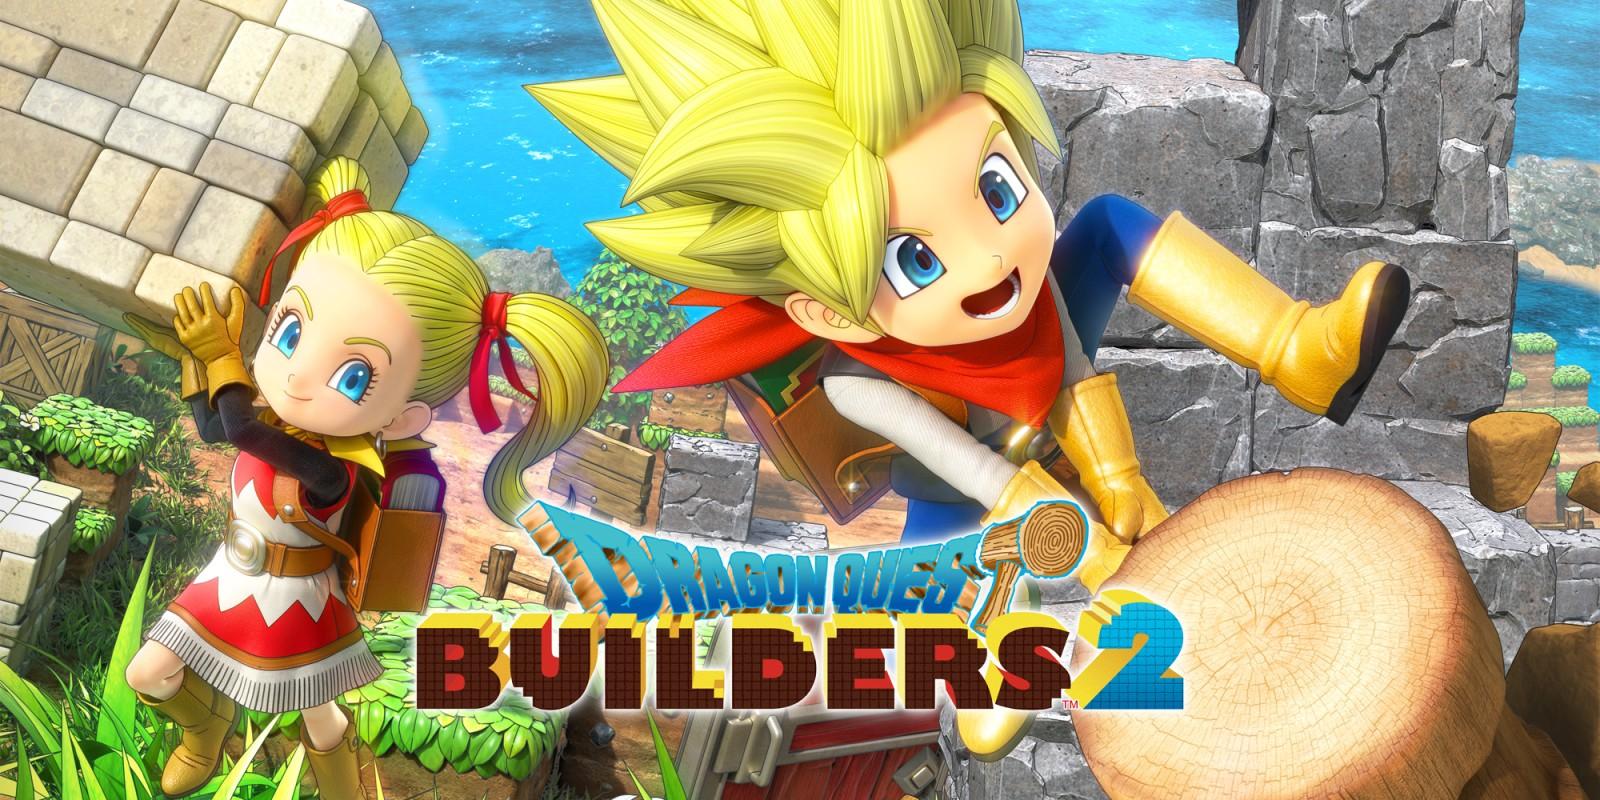 Dragon Quest: Builders 2